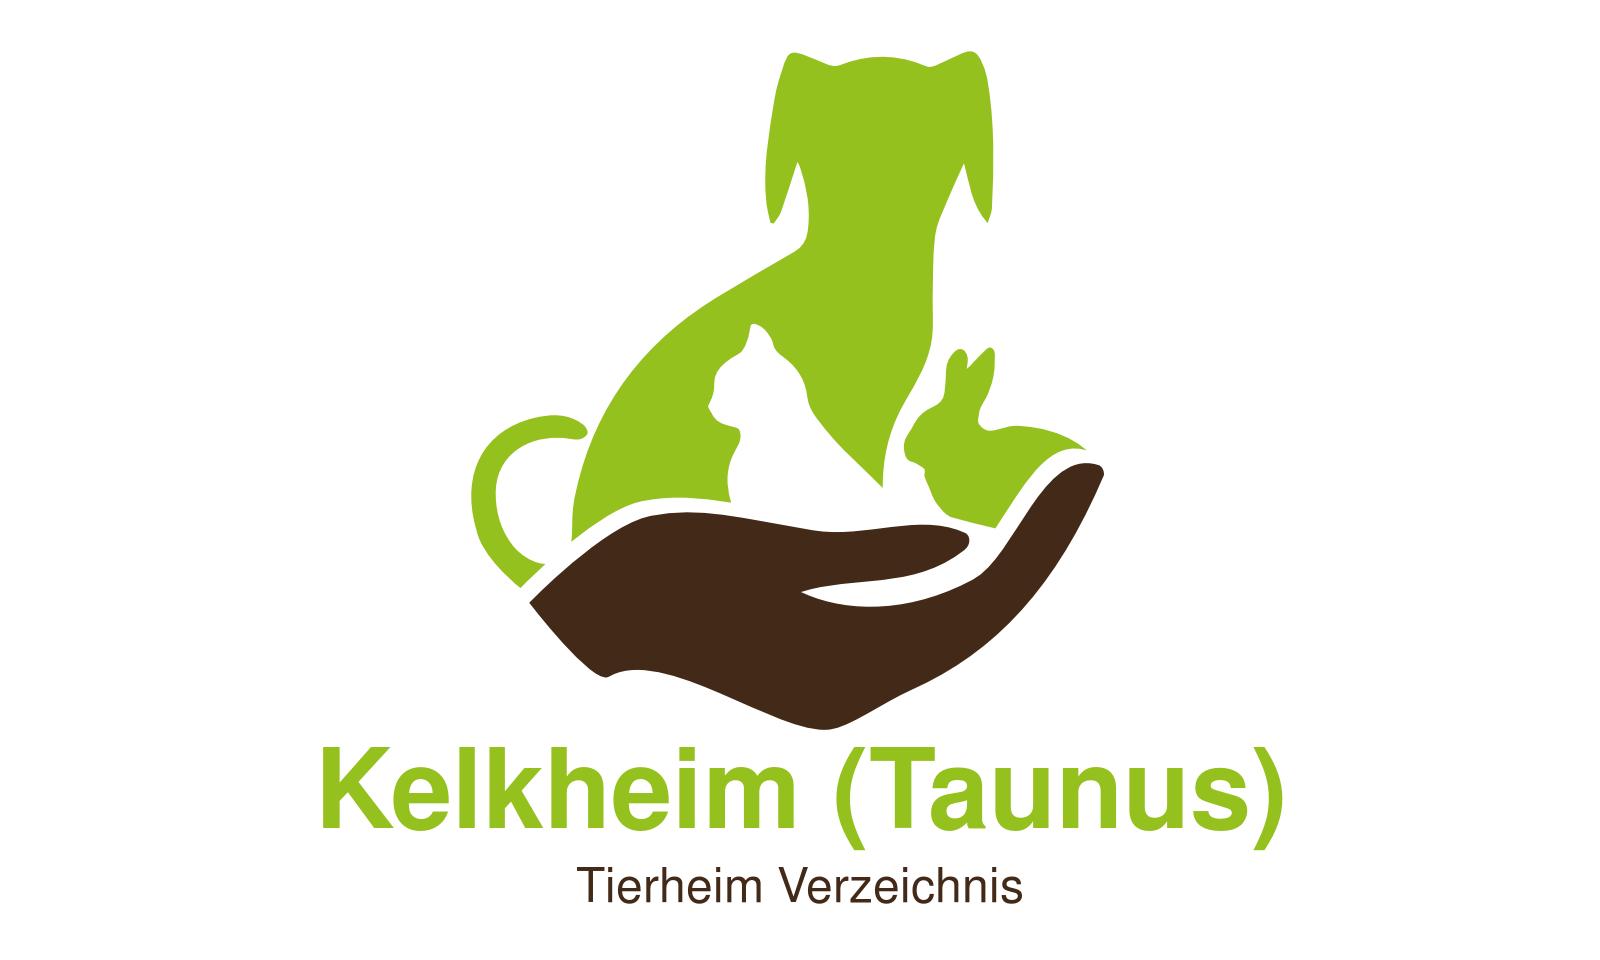 Tierheim Kelkheim (Taunus)